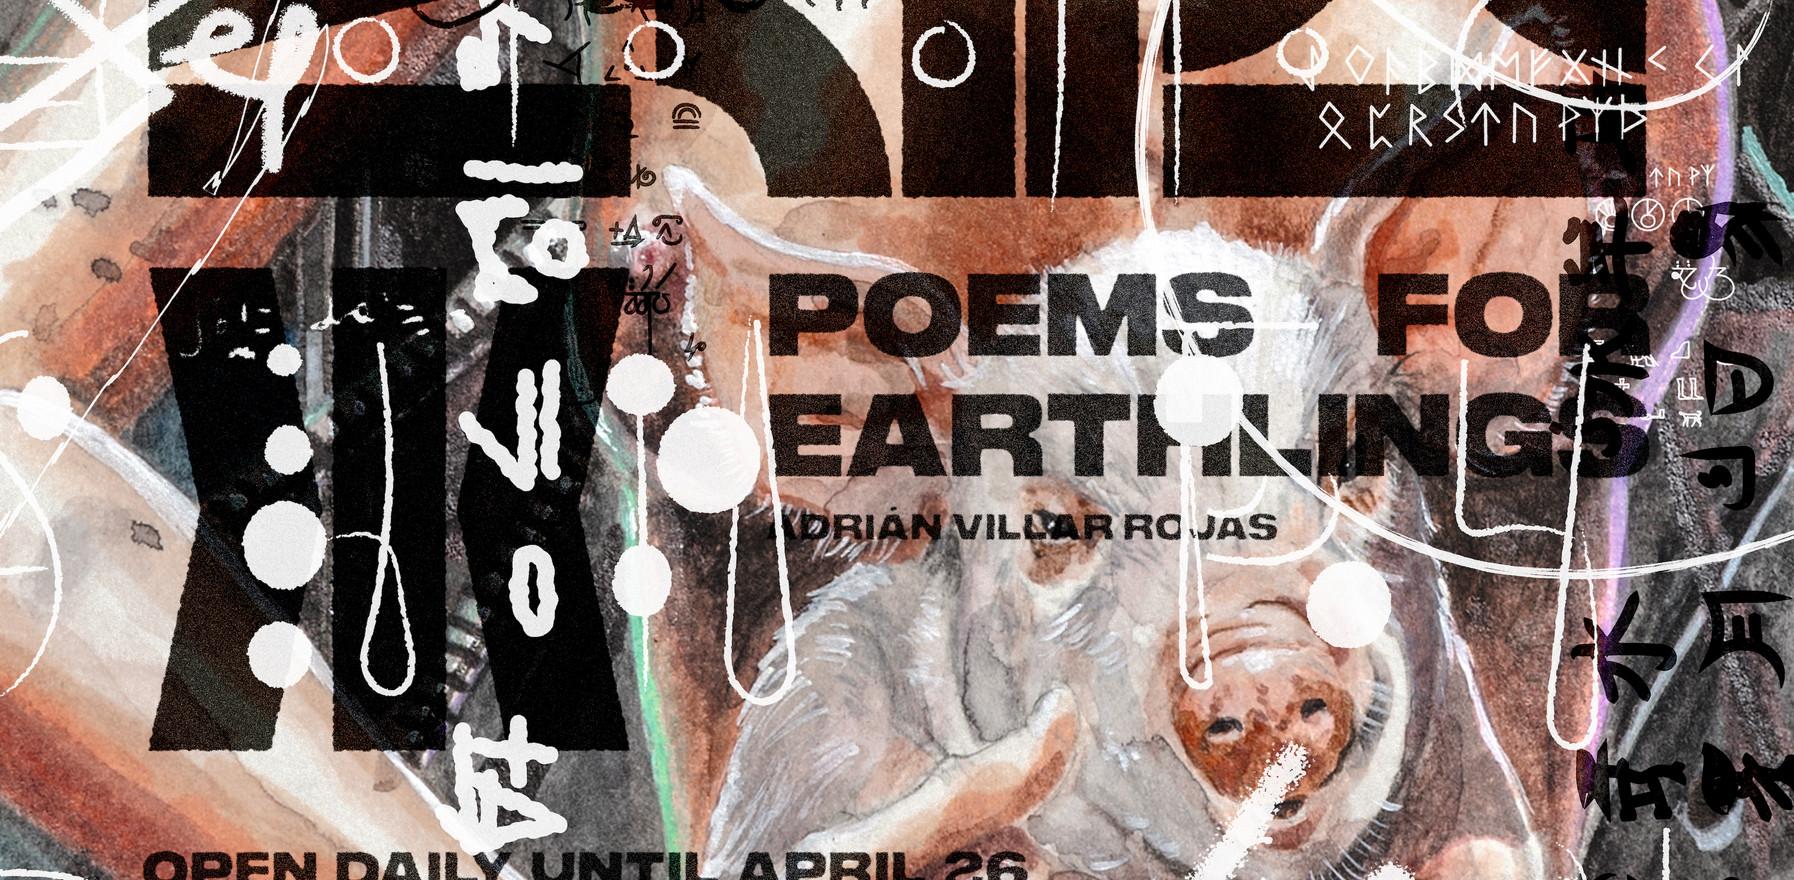 Adrián Villar Rojas: Poems for Earthlings